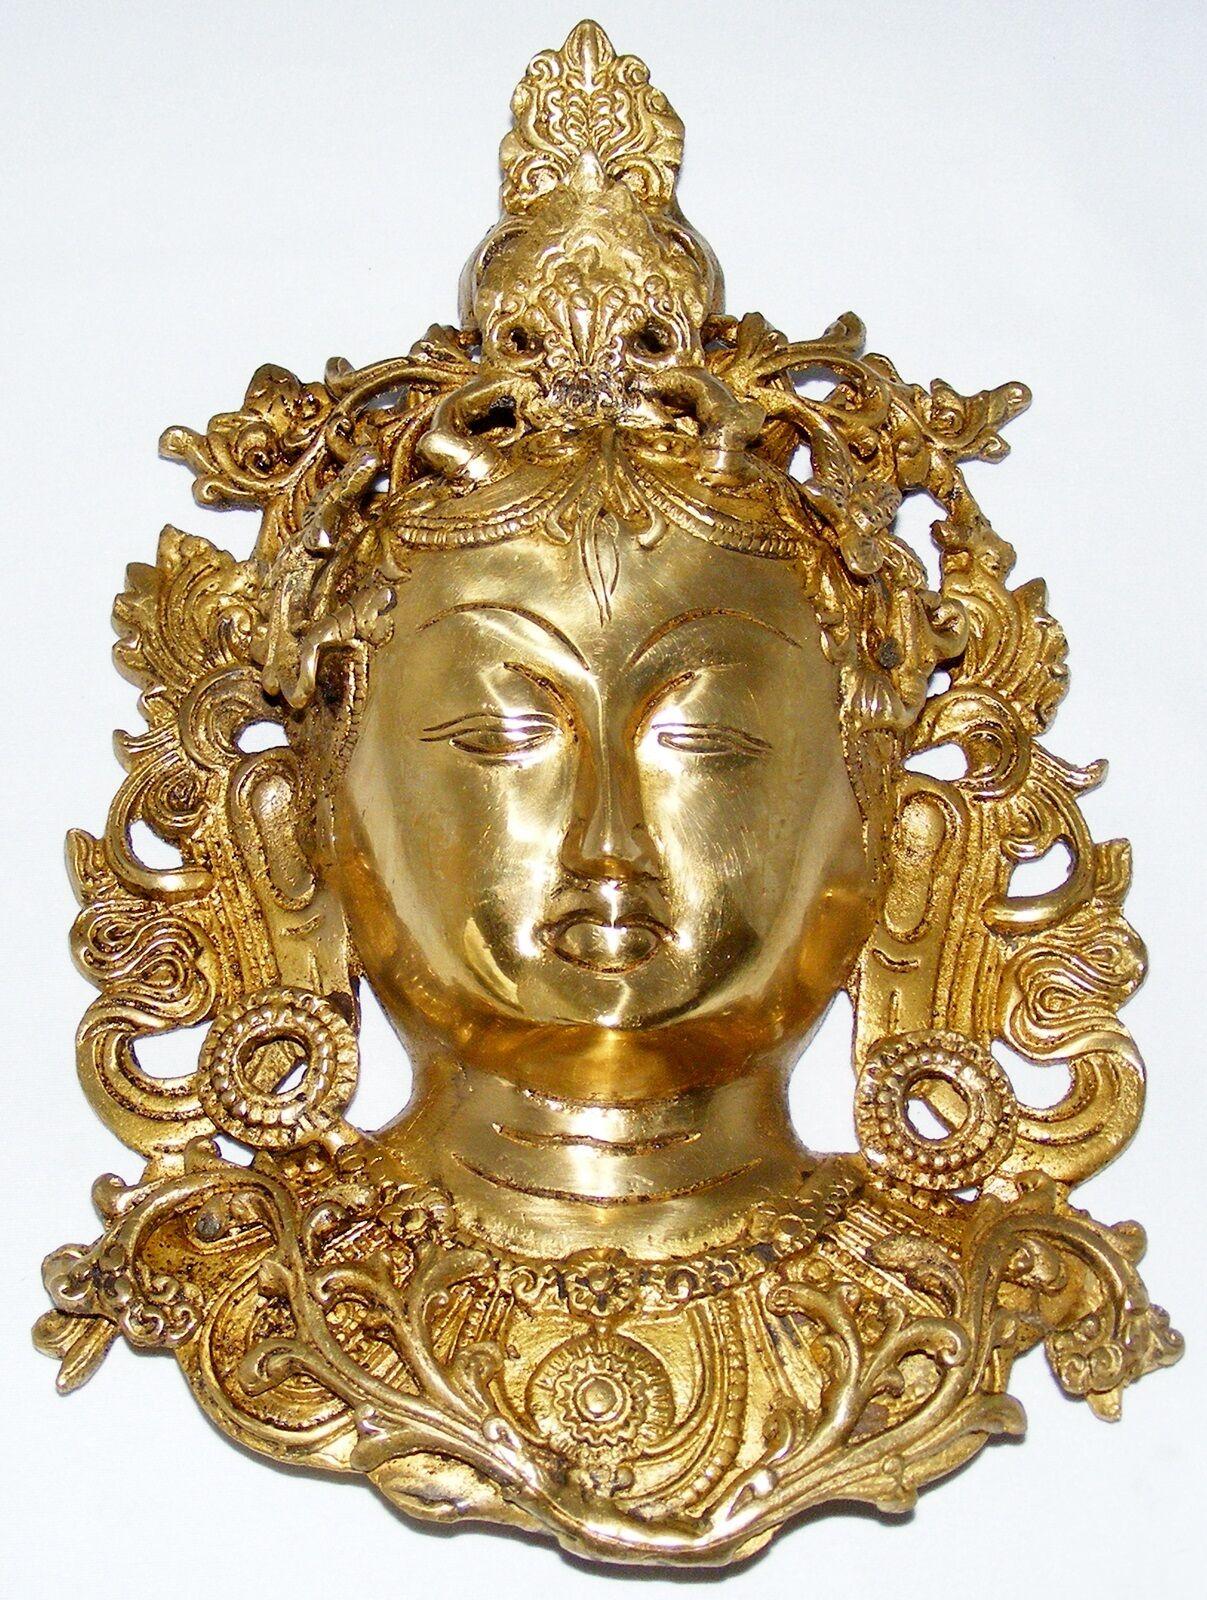 TARA MASKEN  4 DESIGNS  28CM HOCH  2KG 2KG 2KG SCHWER BUDDHA  MEDITATION  TIBET YOGA 41ab48